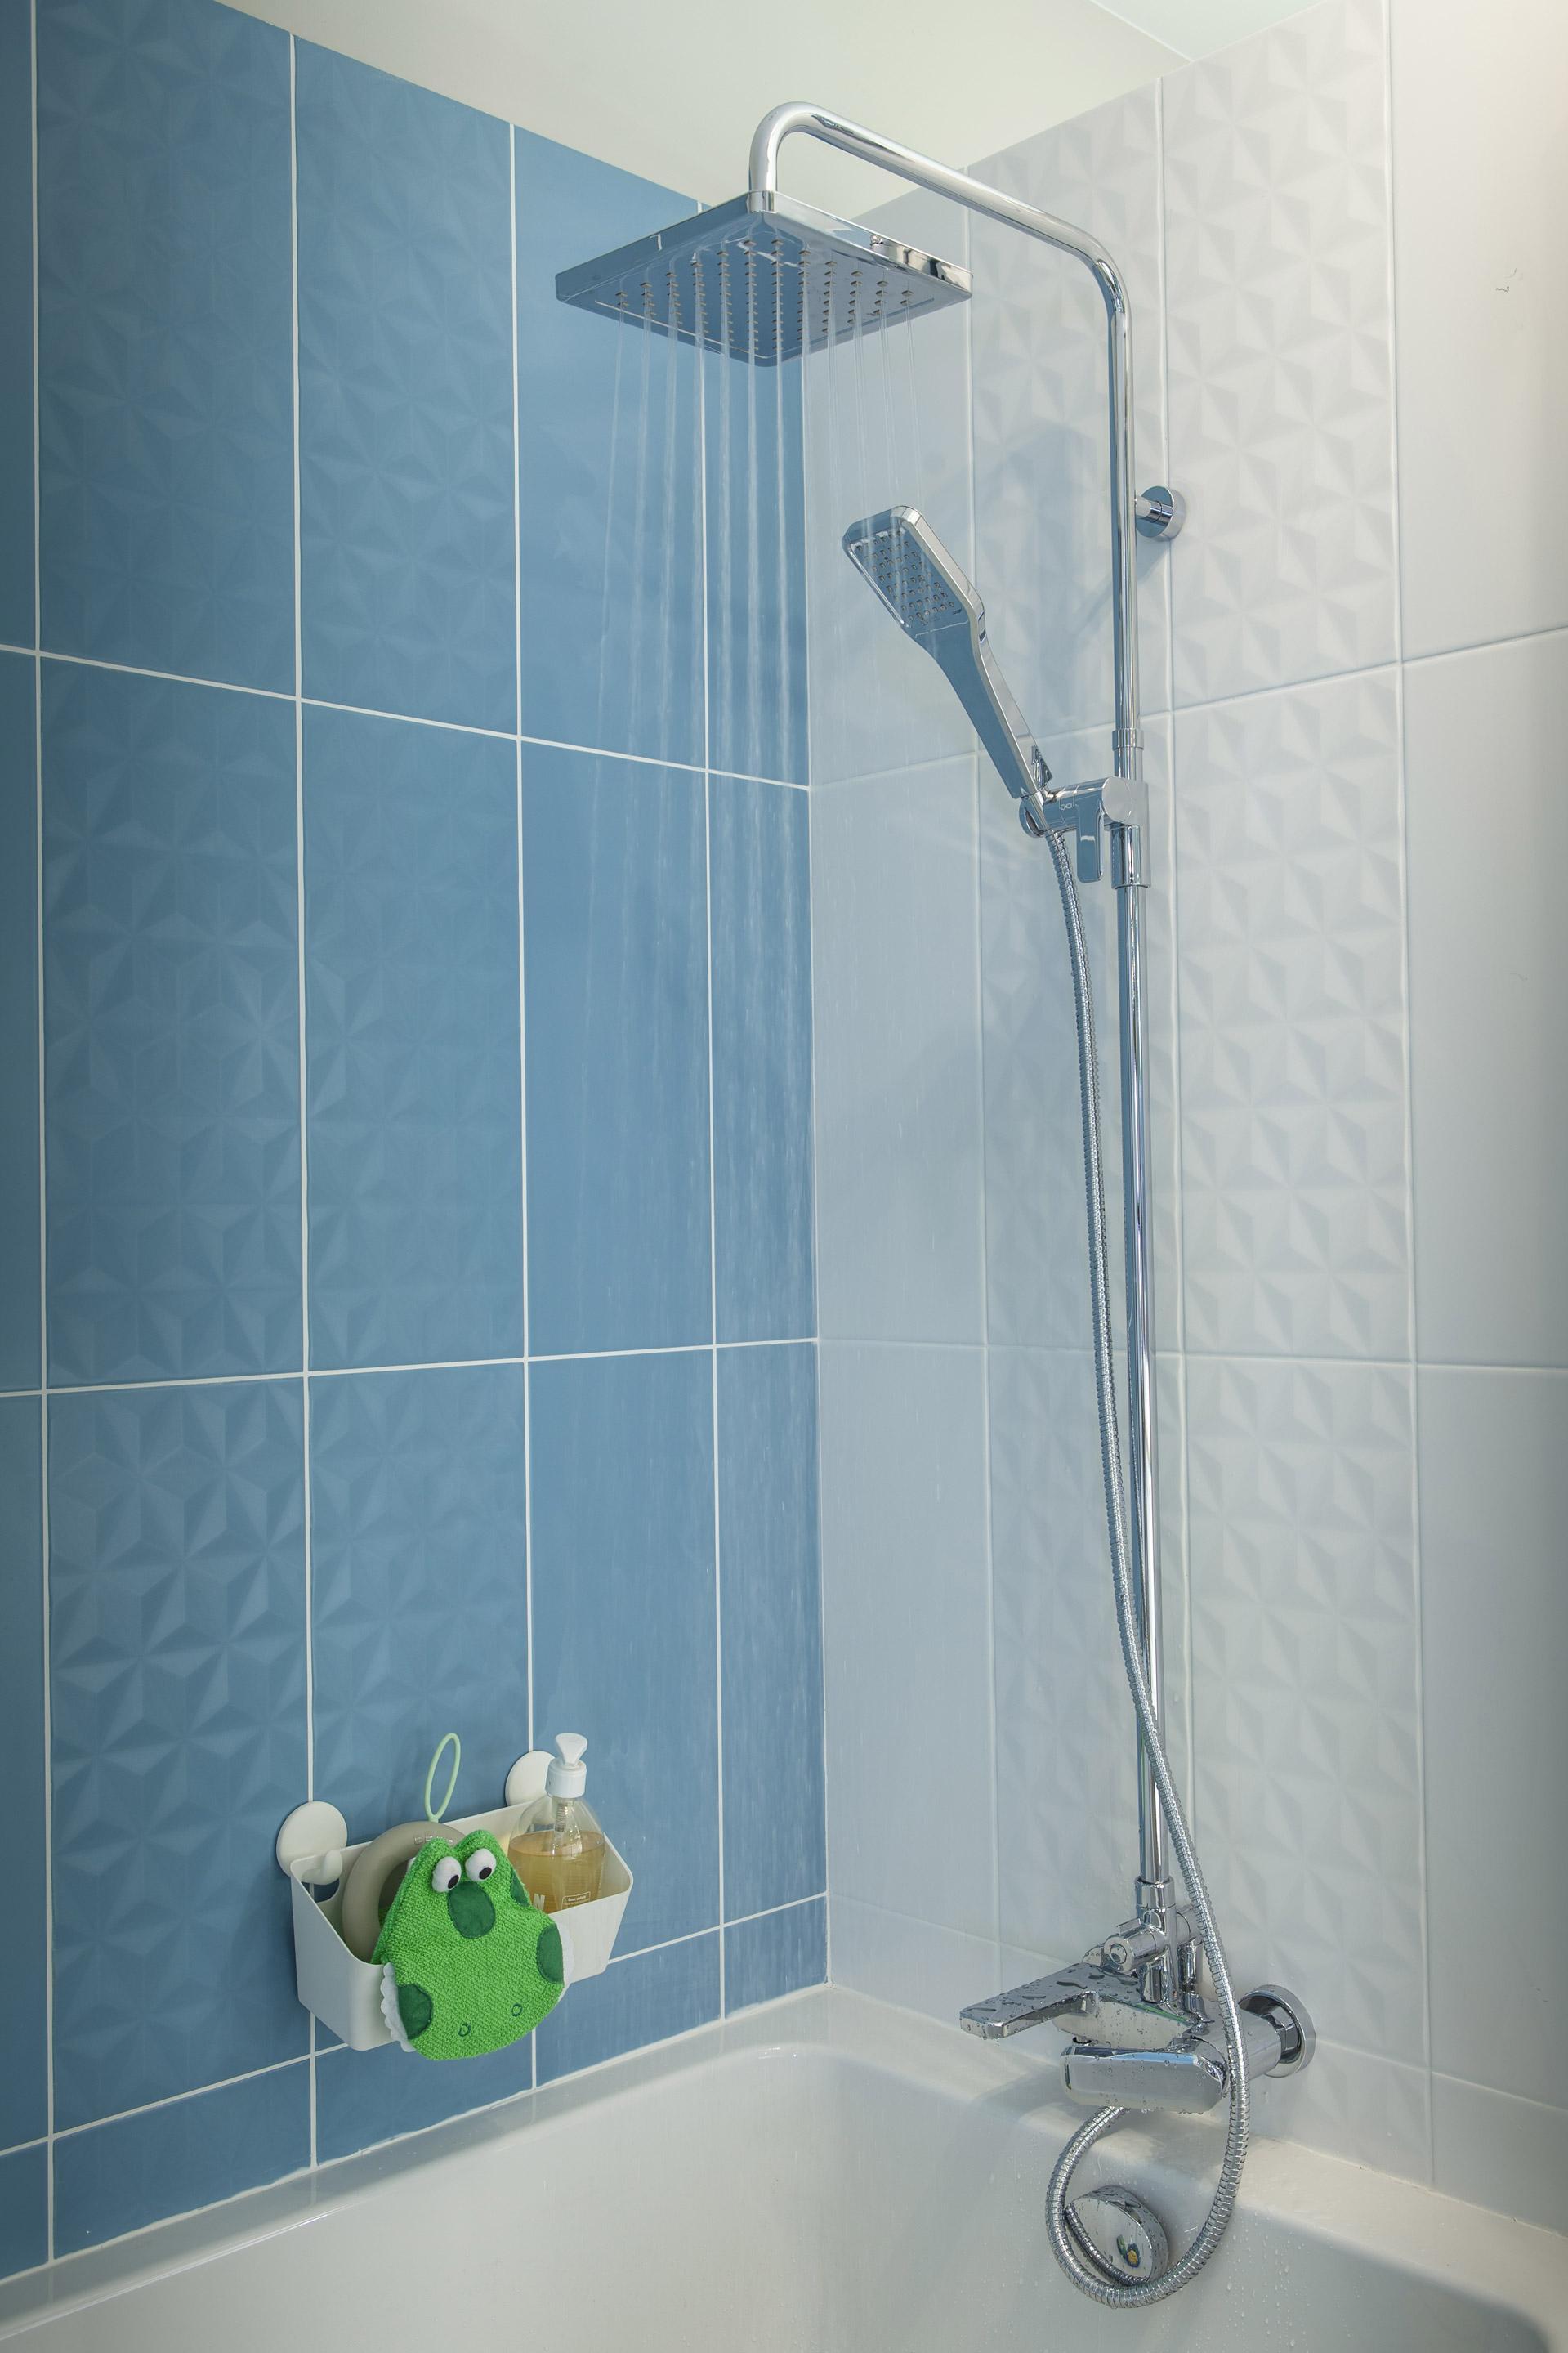 Décor mur bleu baltique n°3 mat l.20 x L.50.2 cm, Loft facette